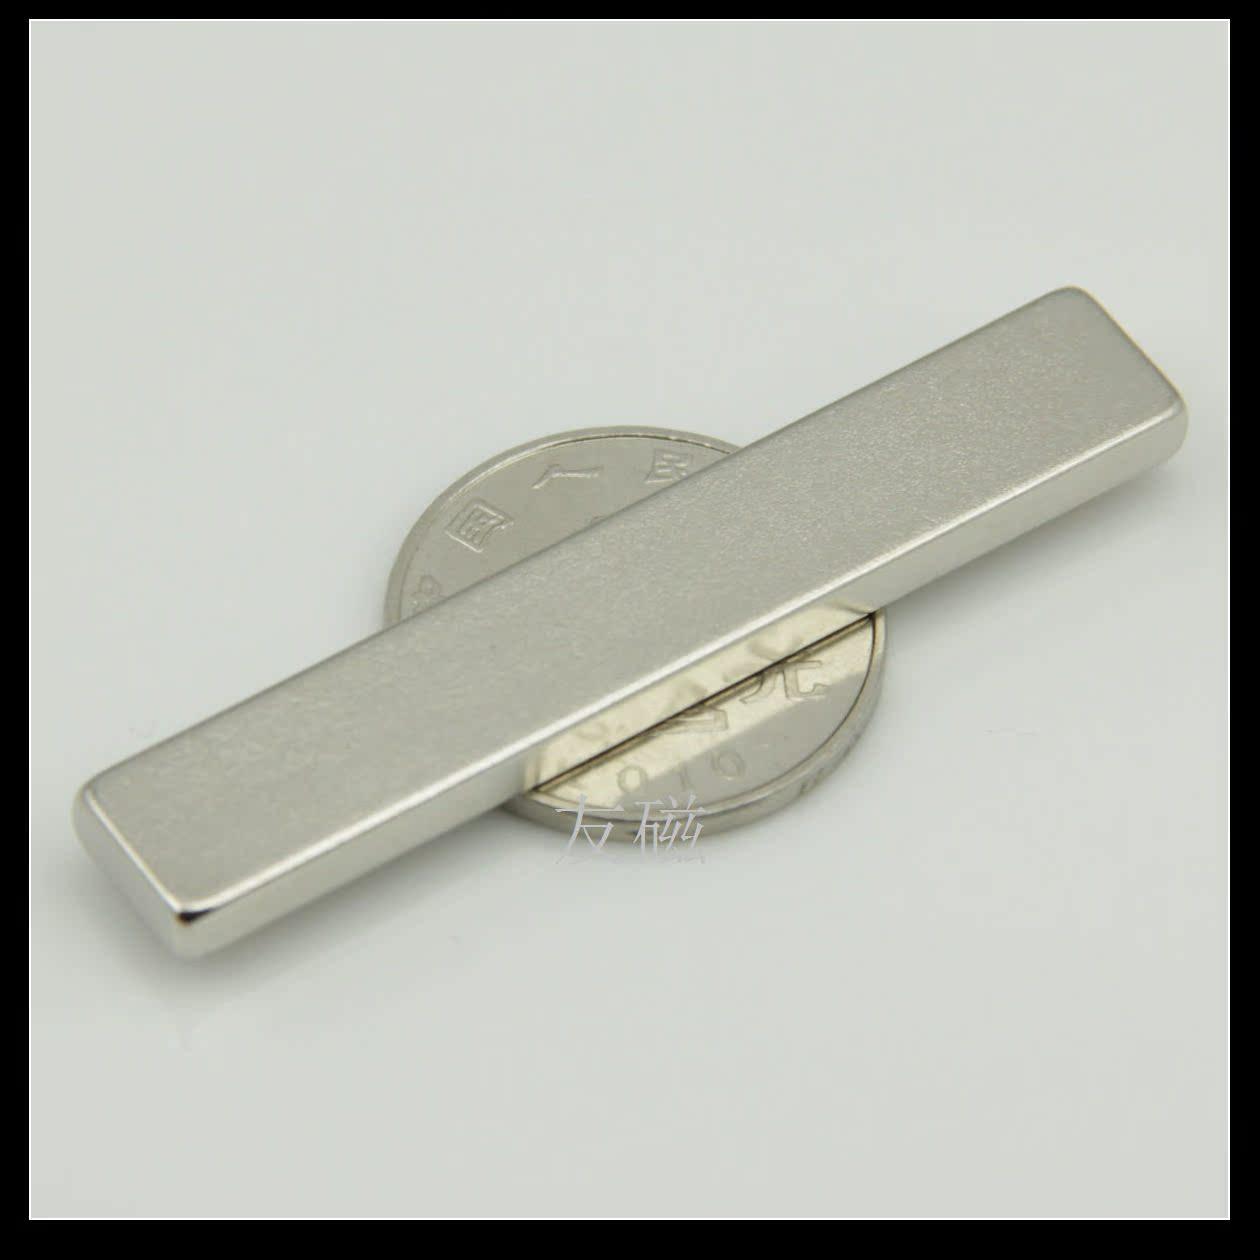 Магнитные компоненты Длинный сильный магнит магнитный магнит прямоугольник 60x10x4mm световой короб реклама интенсивности магнитной полосой